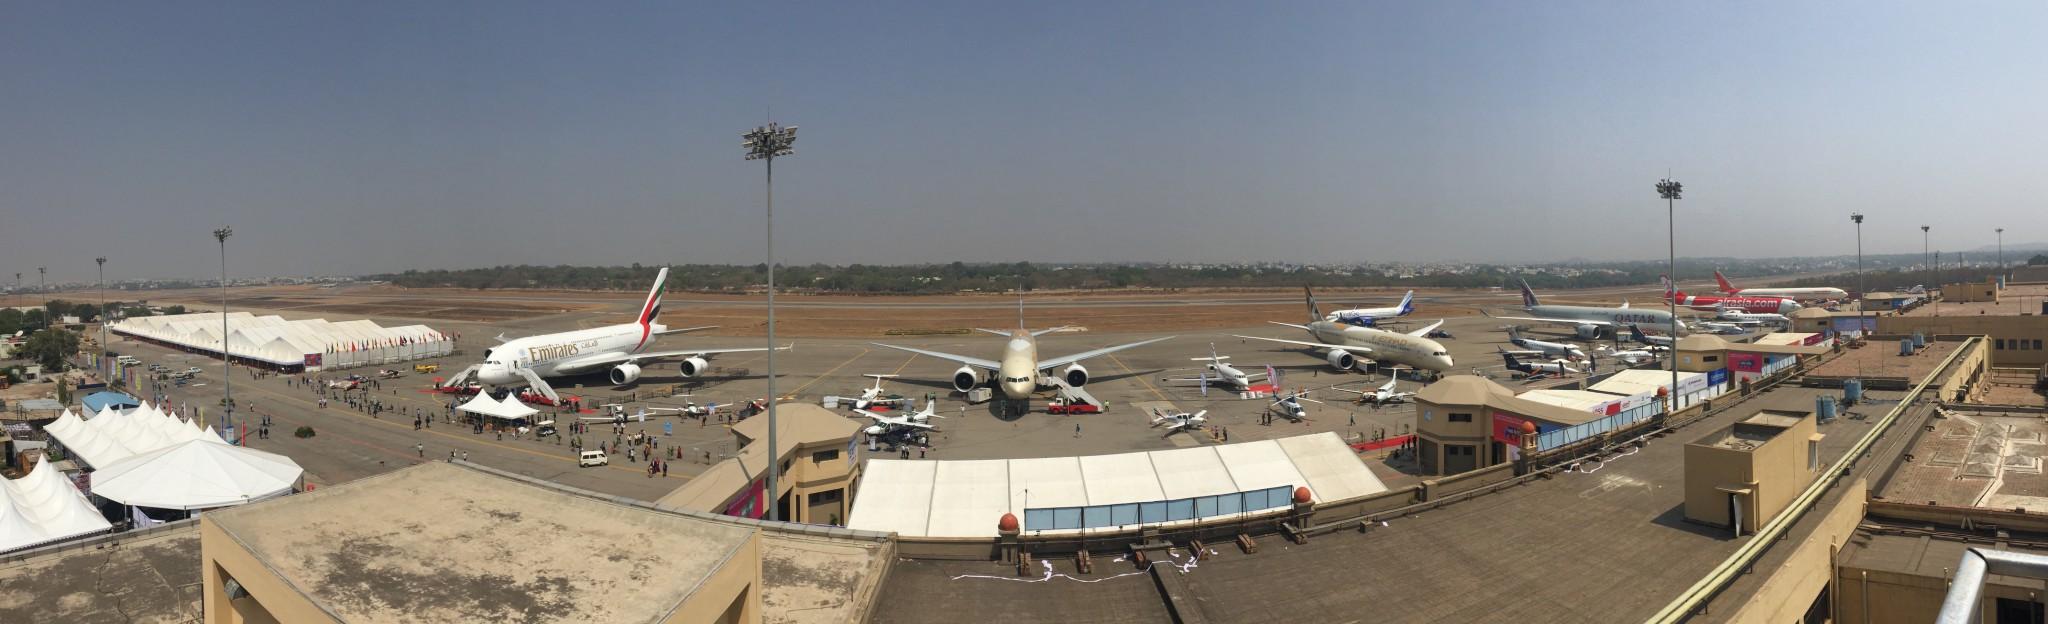 Resultado de imagen para Wings India 2018 air show